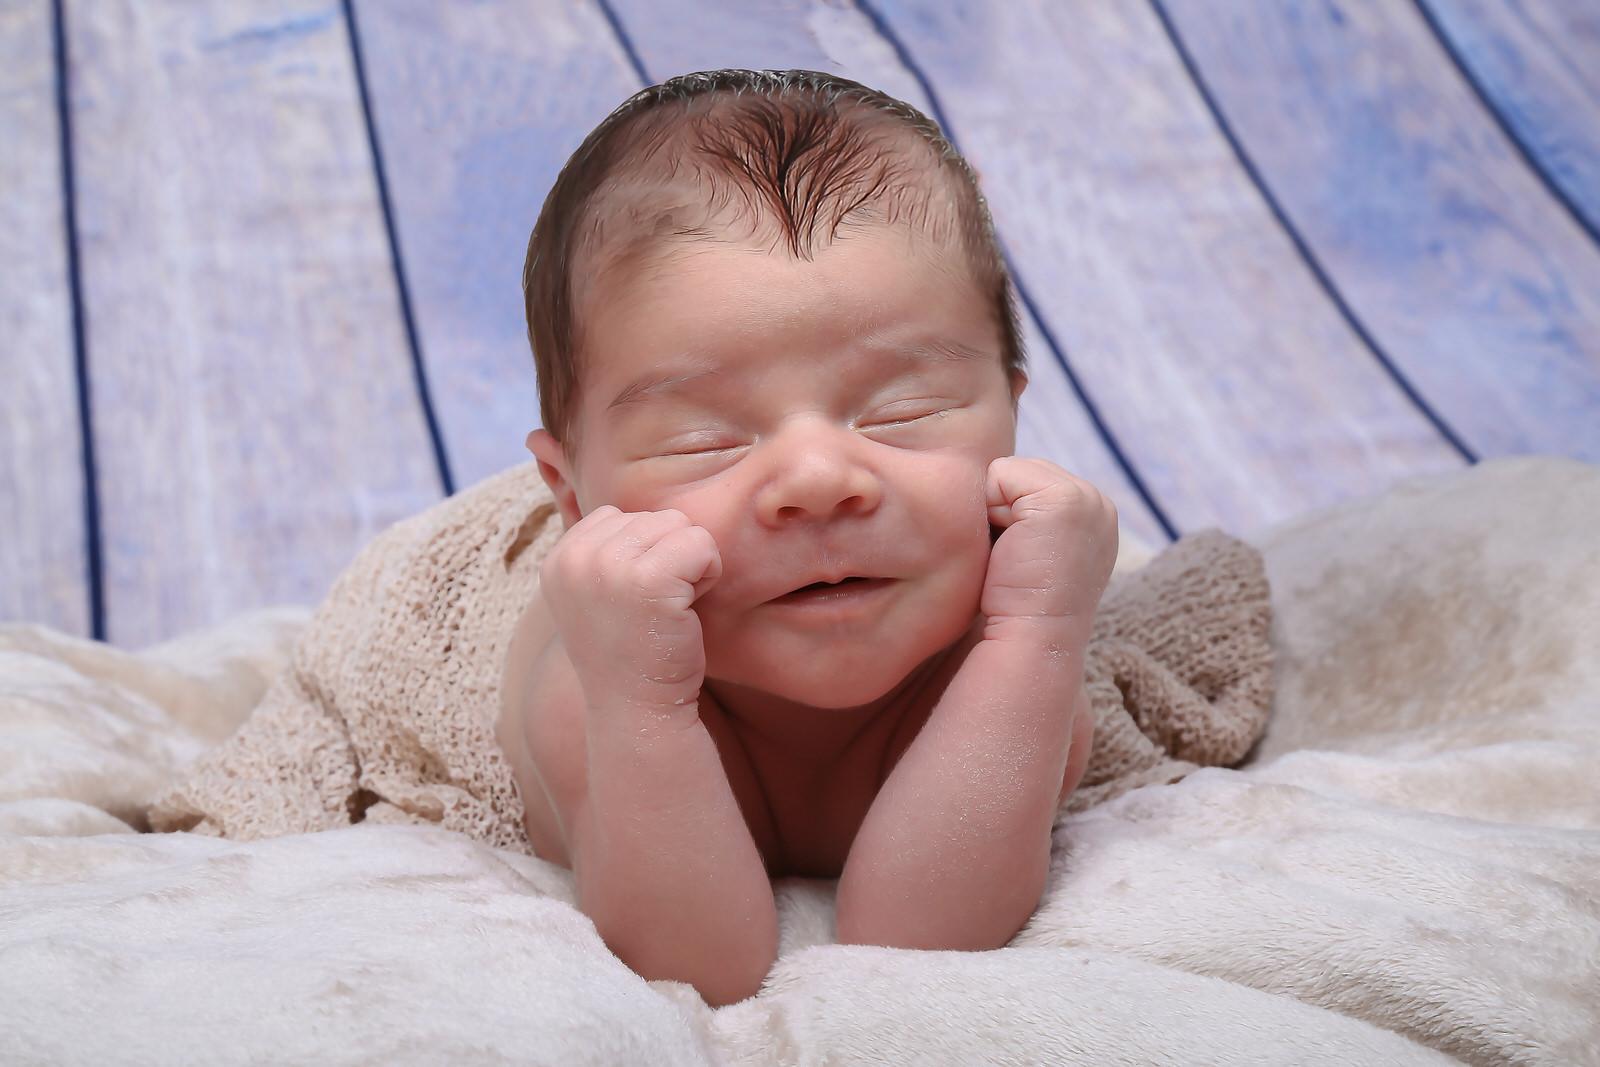 newborn foto artistica neonato